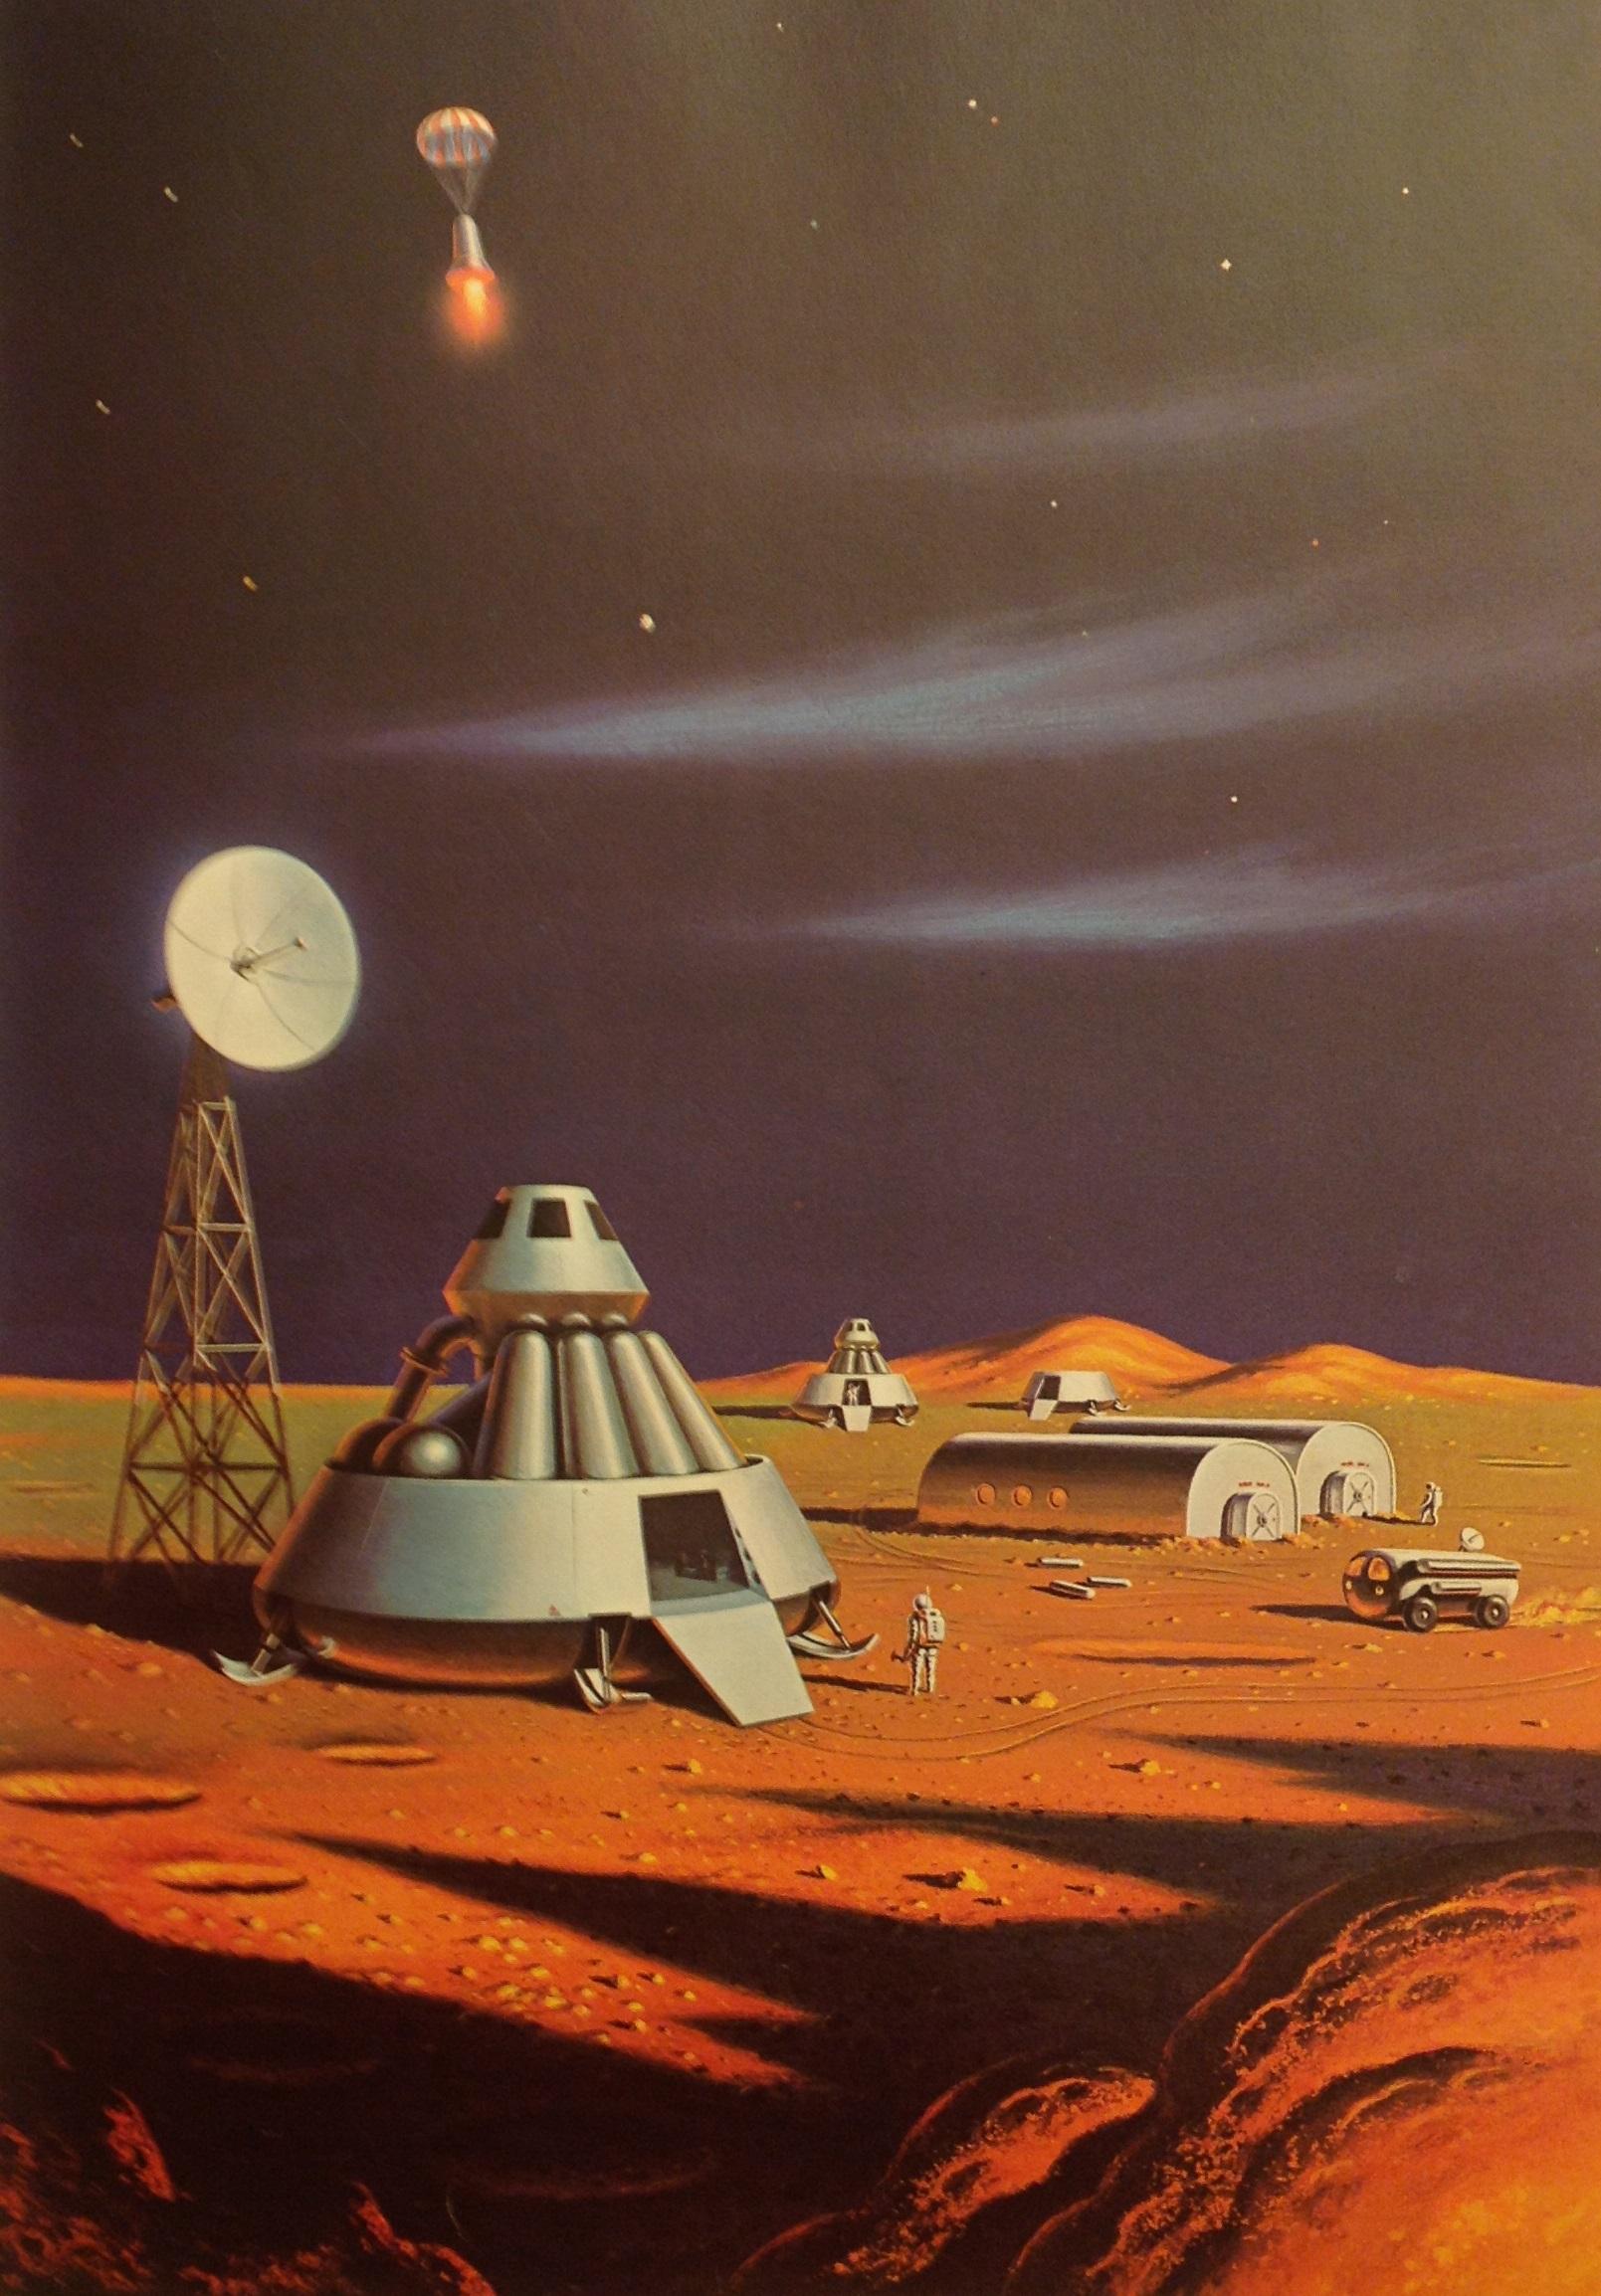 von braun mars mission - photo #19